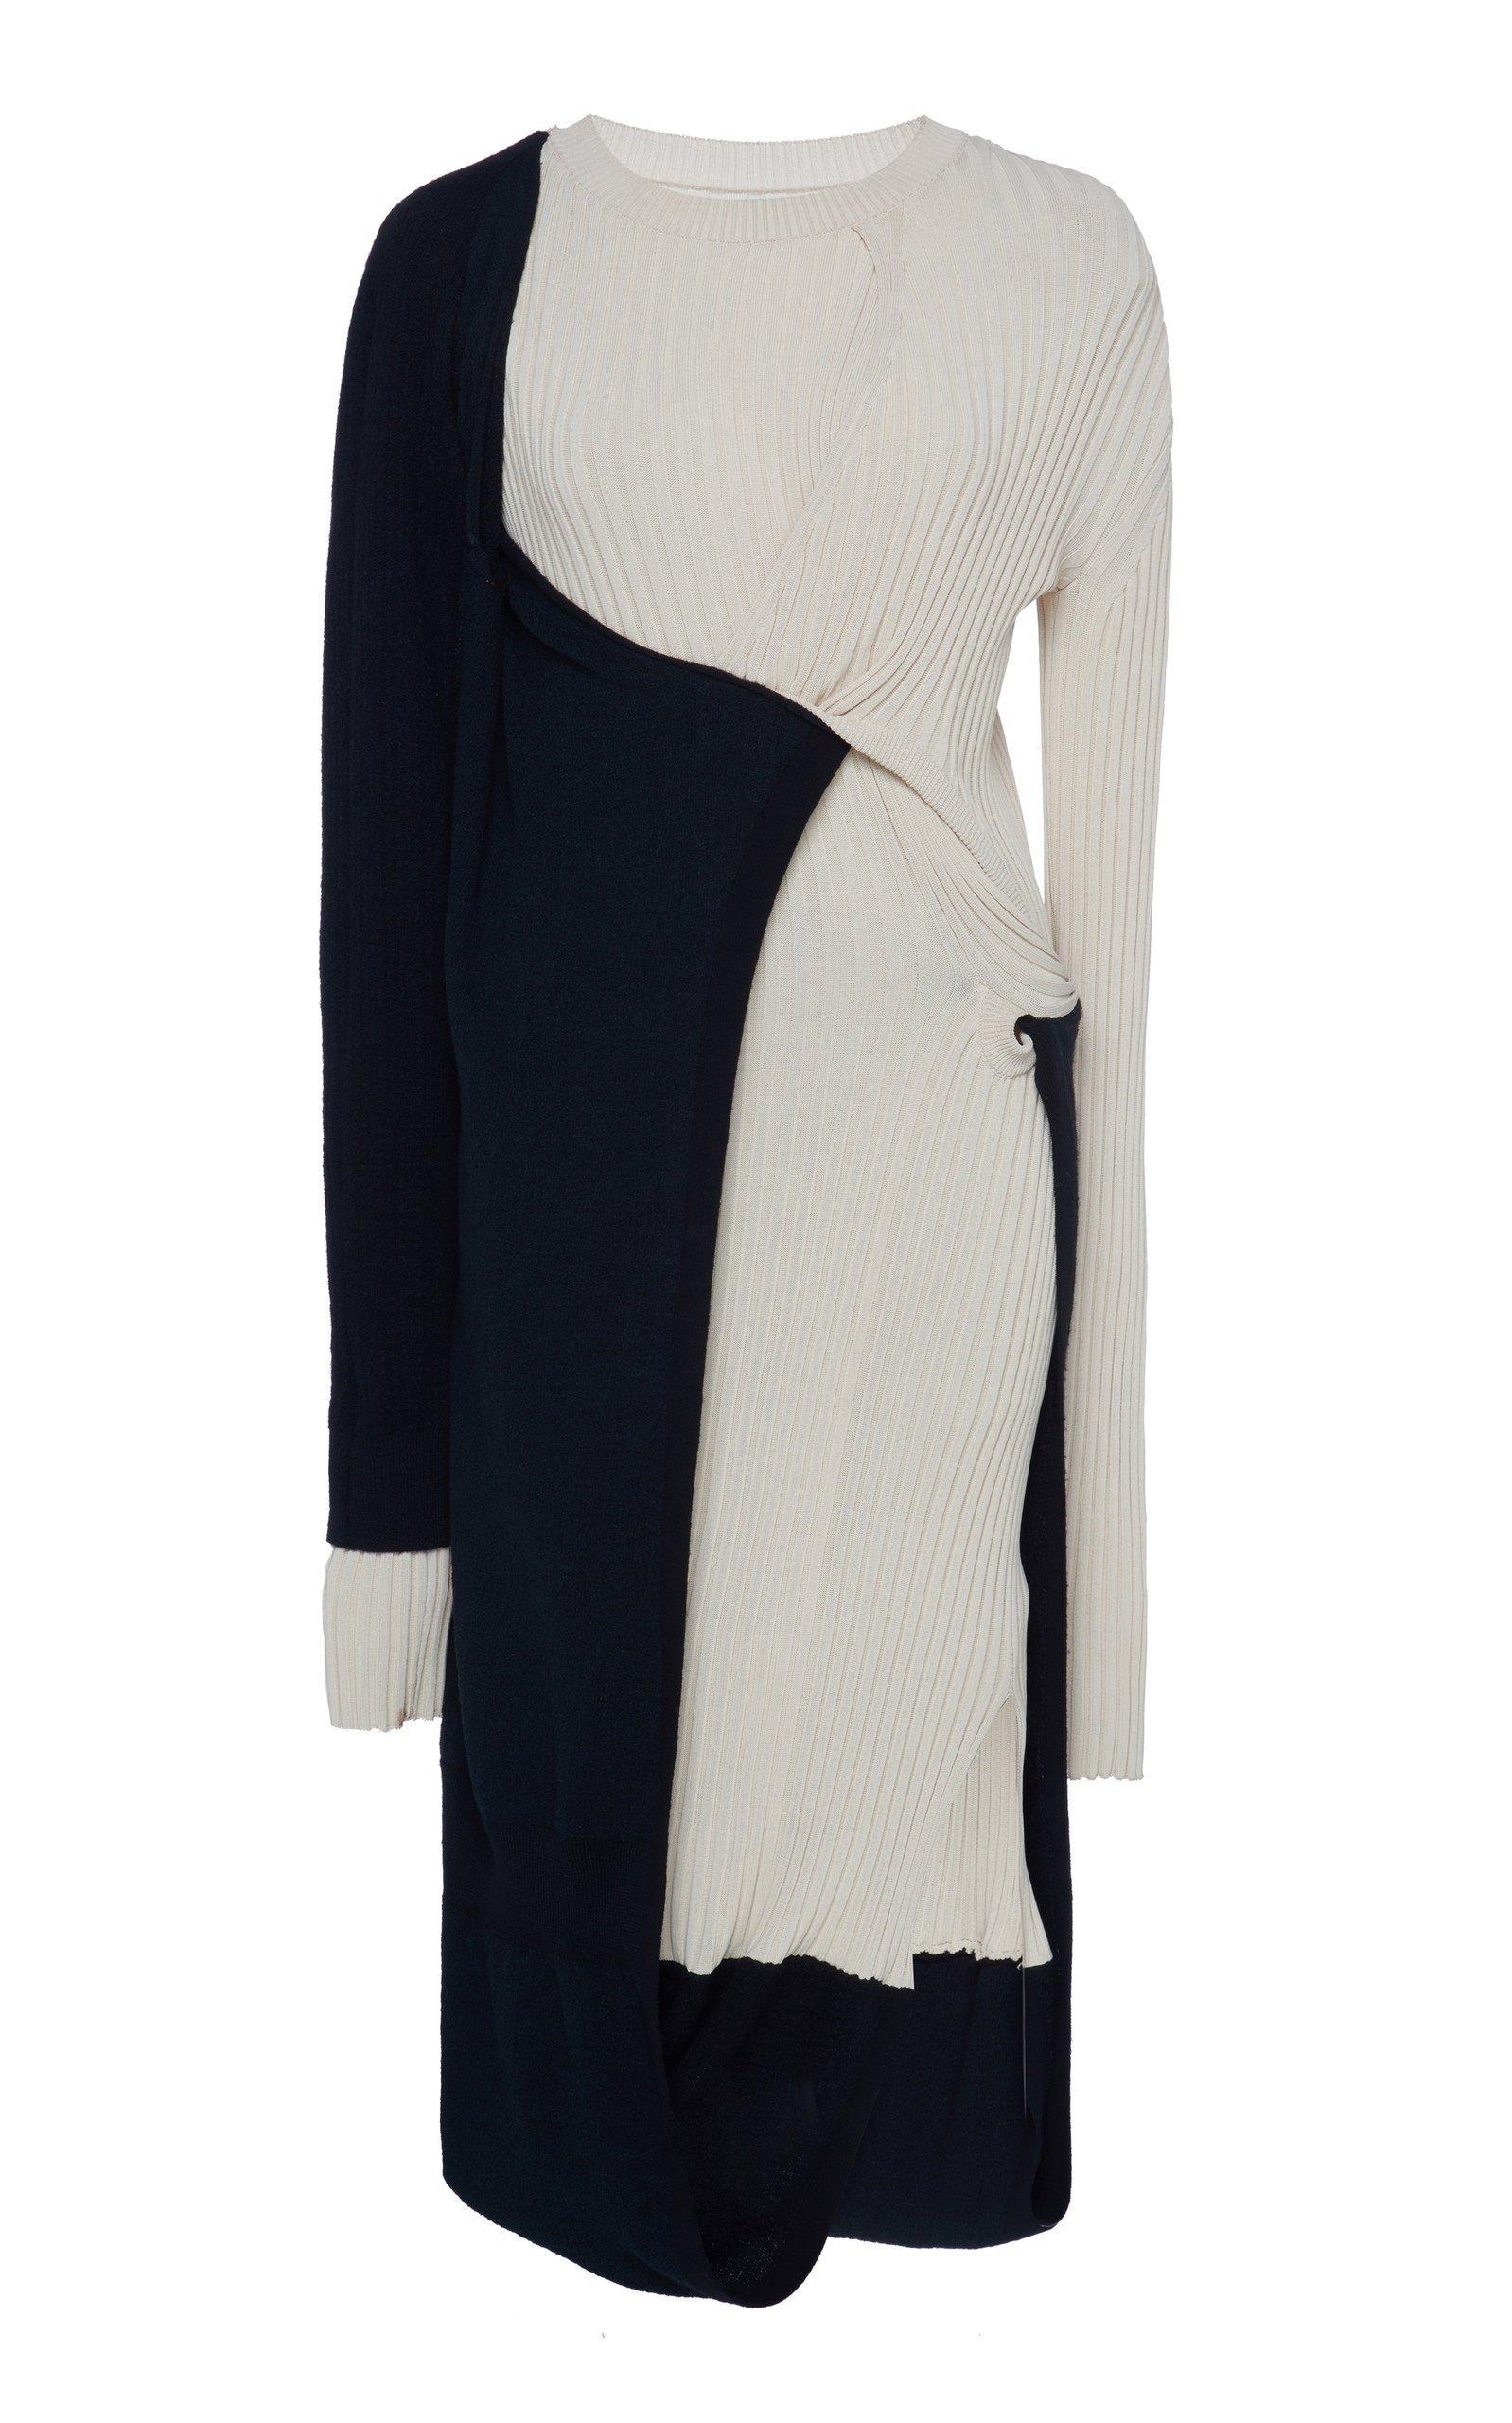 Bottega Veneta Ribbed Two-Tone Mohair-Blend Midi Dress